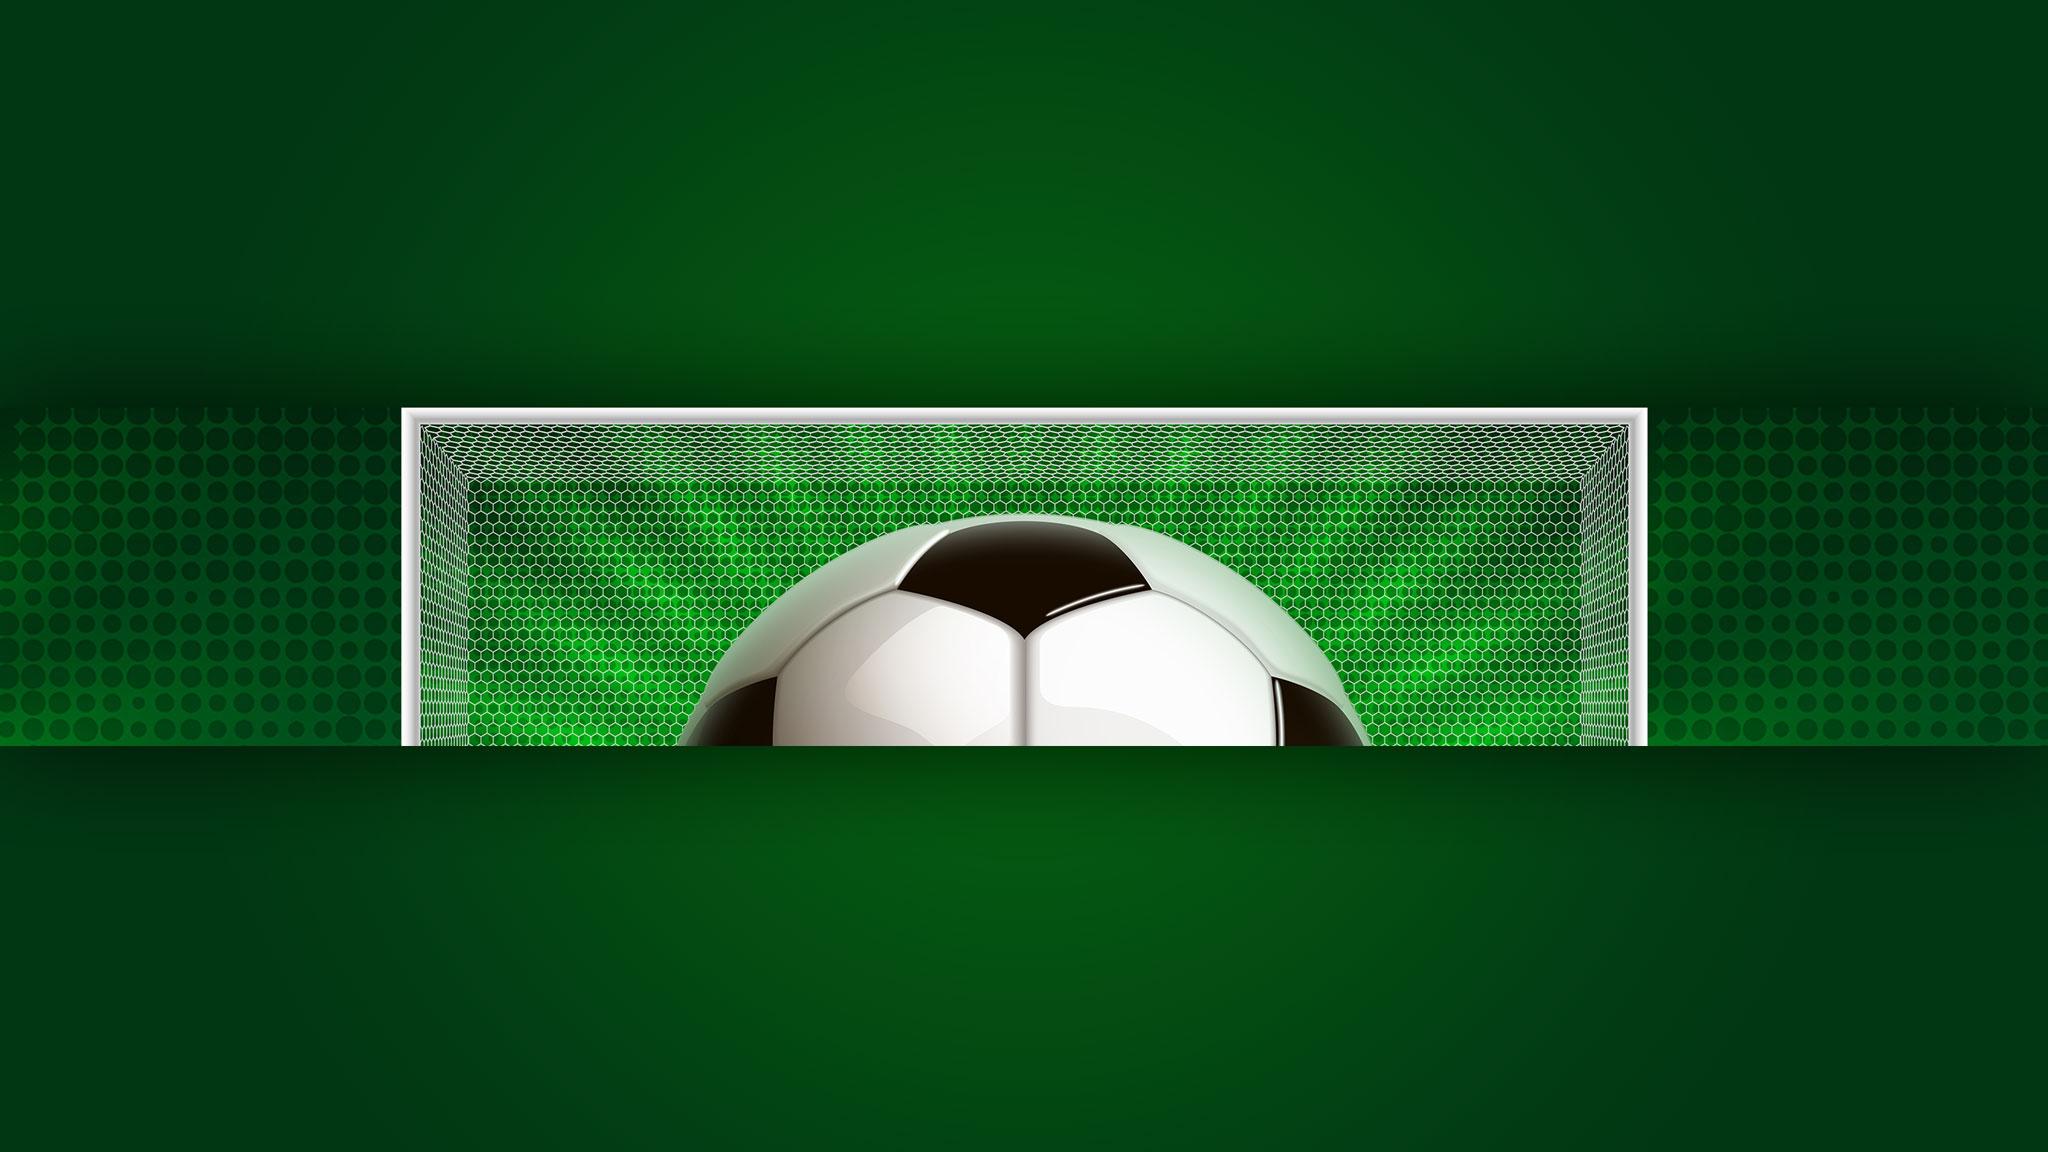 Картинка зелёный бэкграунд для ютуба 2048x1152 без текста с футбольным мячом на фоне вратарских ворот.